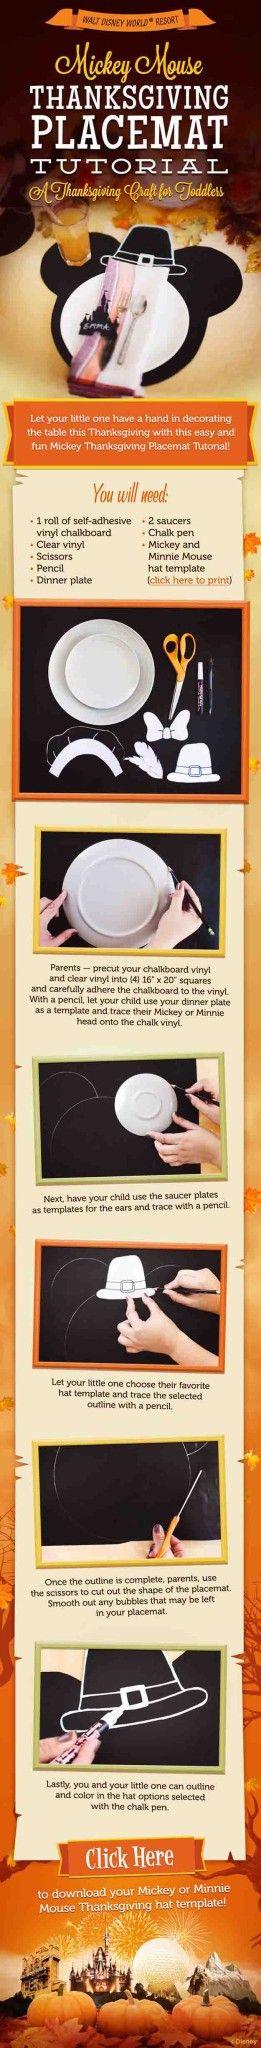 Mickey Mouse de Acción de Gracias Placemat Tutorial | 14 Manteles DIY para Acción de Gracias, échale un vistazo a http://artesaniasdebricolaje.ru/homemade-thanksgiving-decorations-14-diy-placemat-ideas